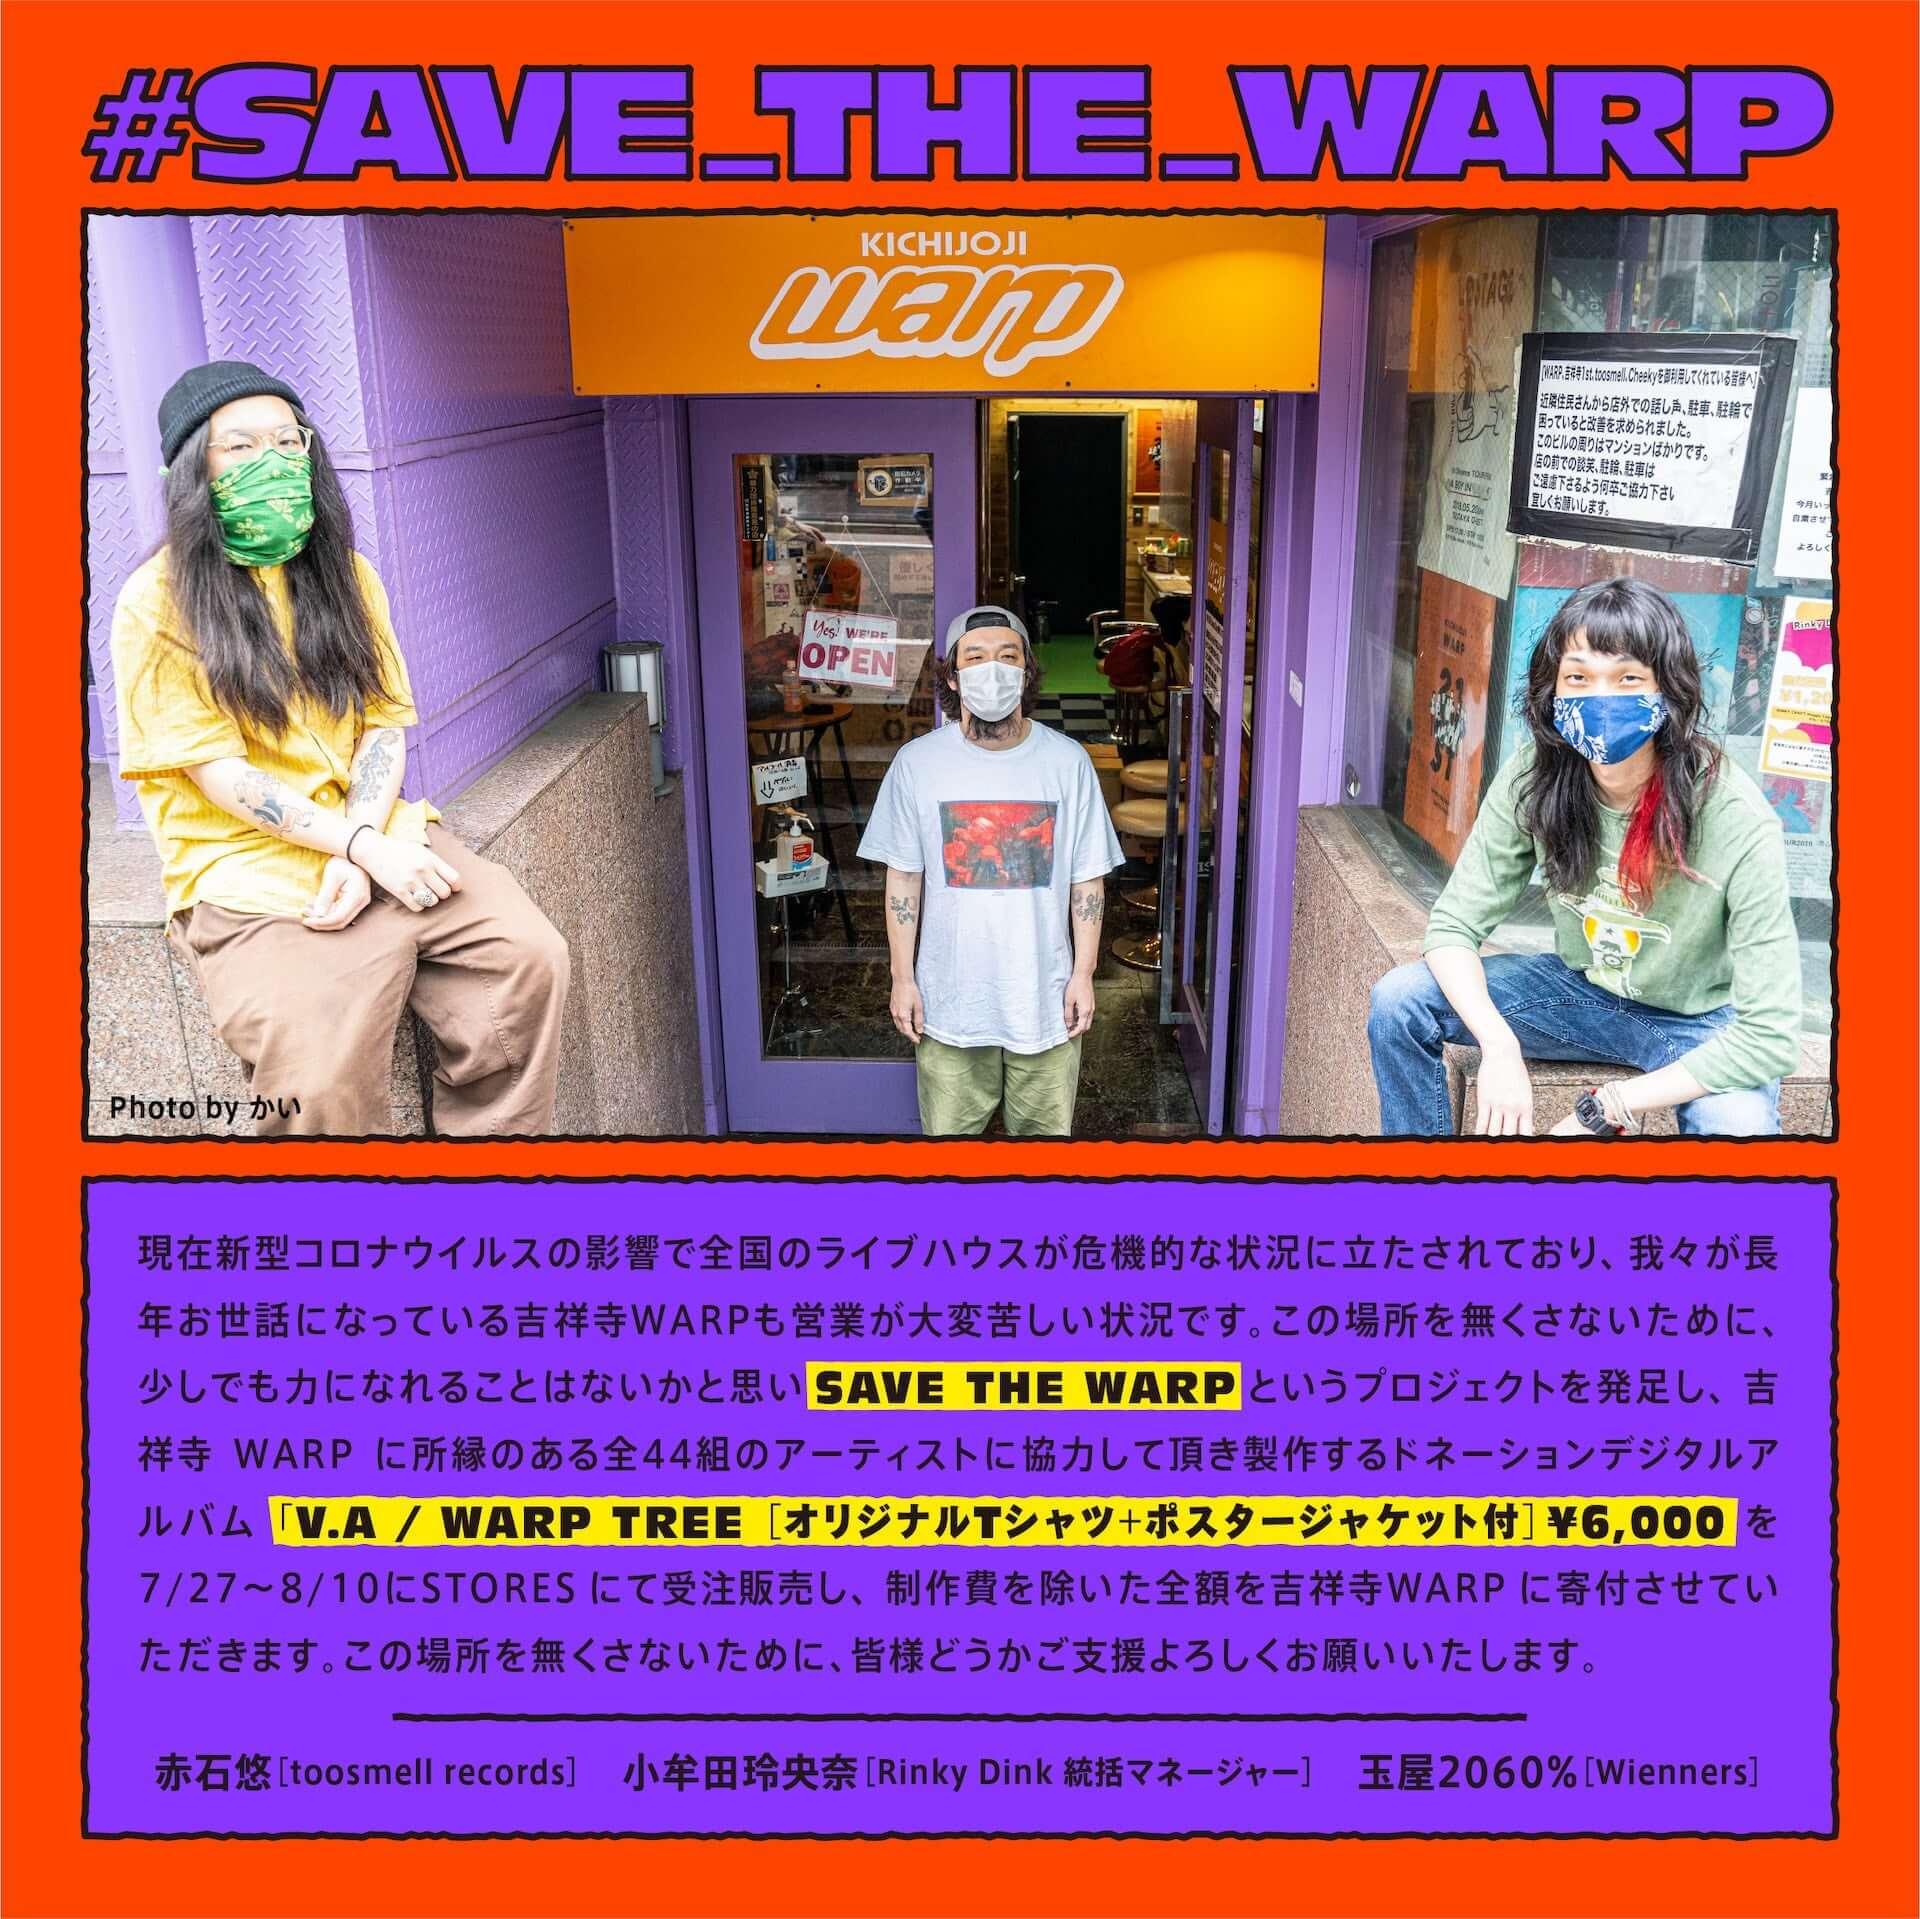 吉祥寺WARP応援プロジェクト「SAVE THE WARP」が始動|Wienners、忘れらんねえよ柴田ら44組参加のコンピが発売決定 music200721_savethewarp_1-1920x1919